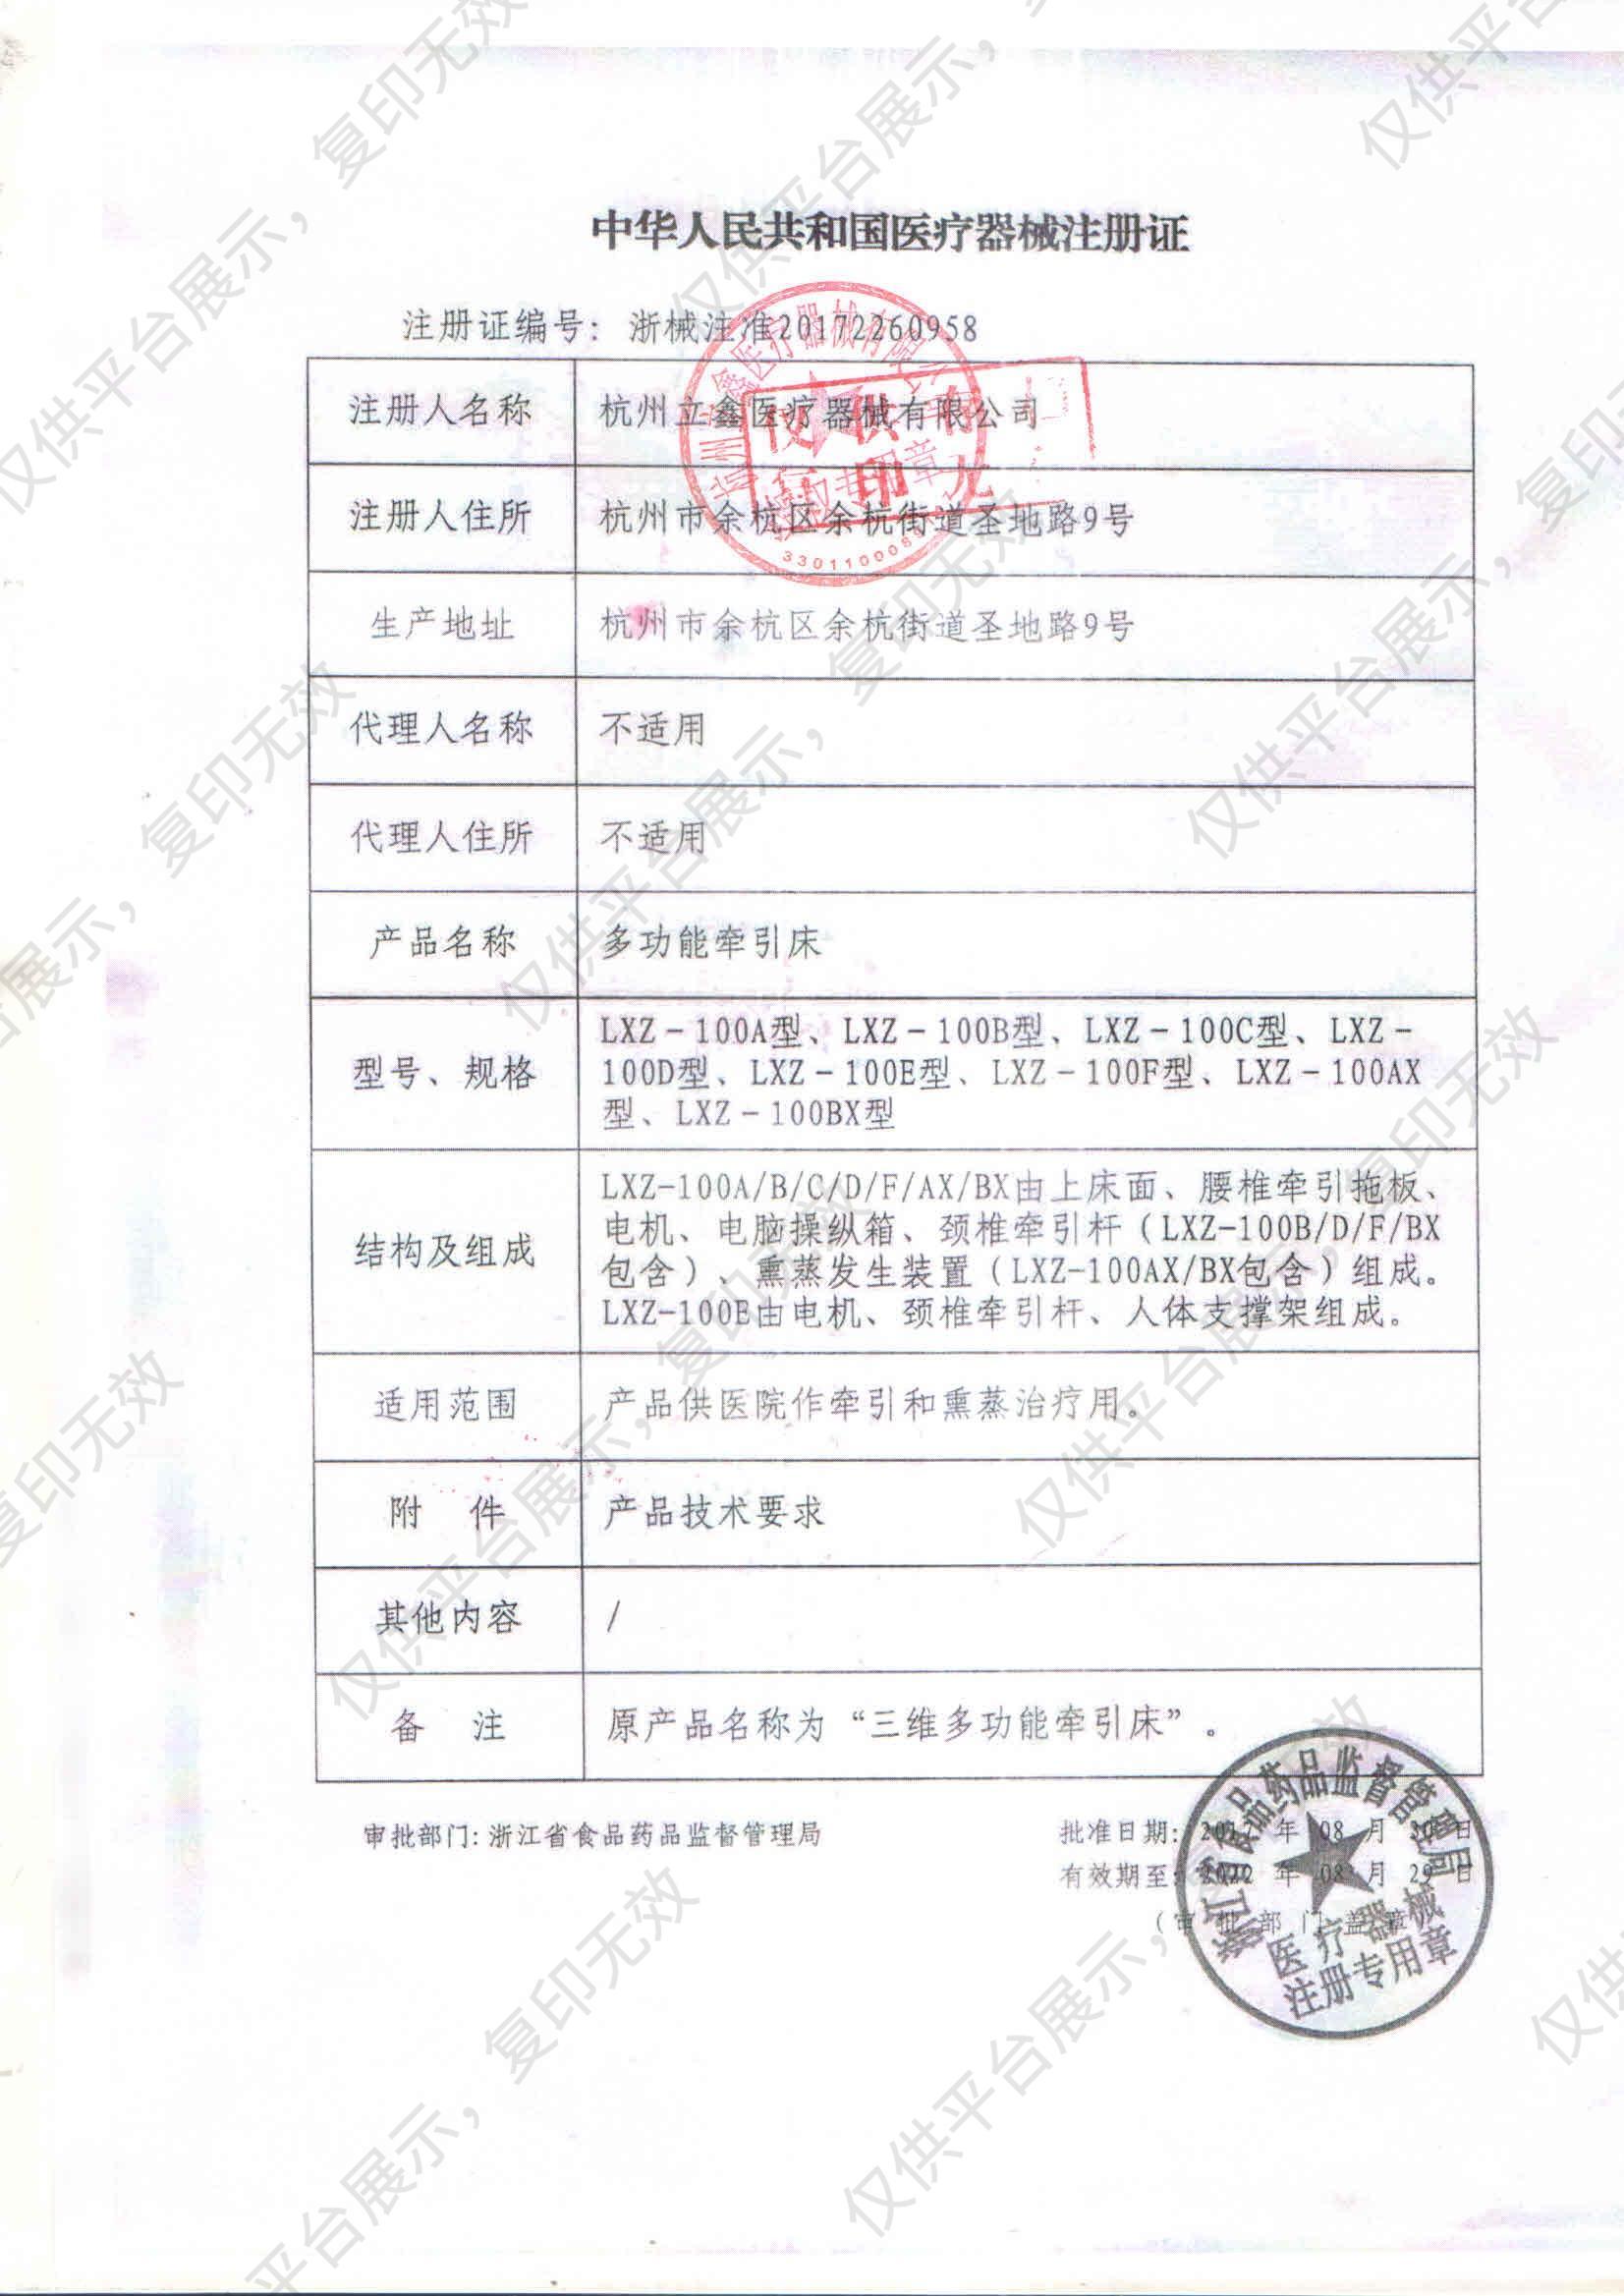 立鑫 腰椎牵引床 LXZ-100A注册证